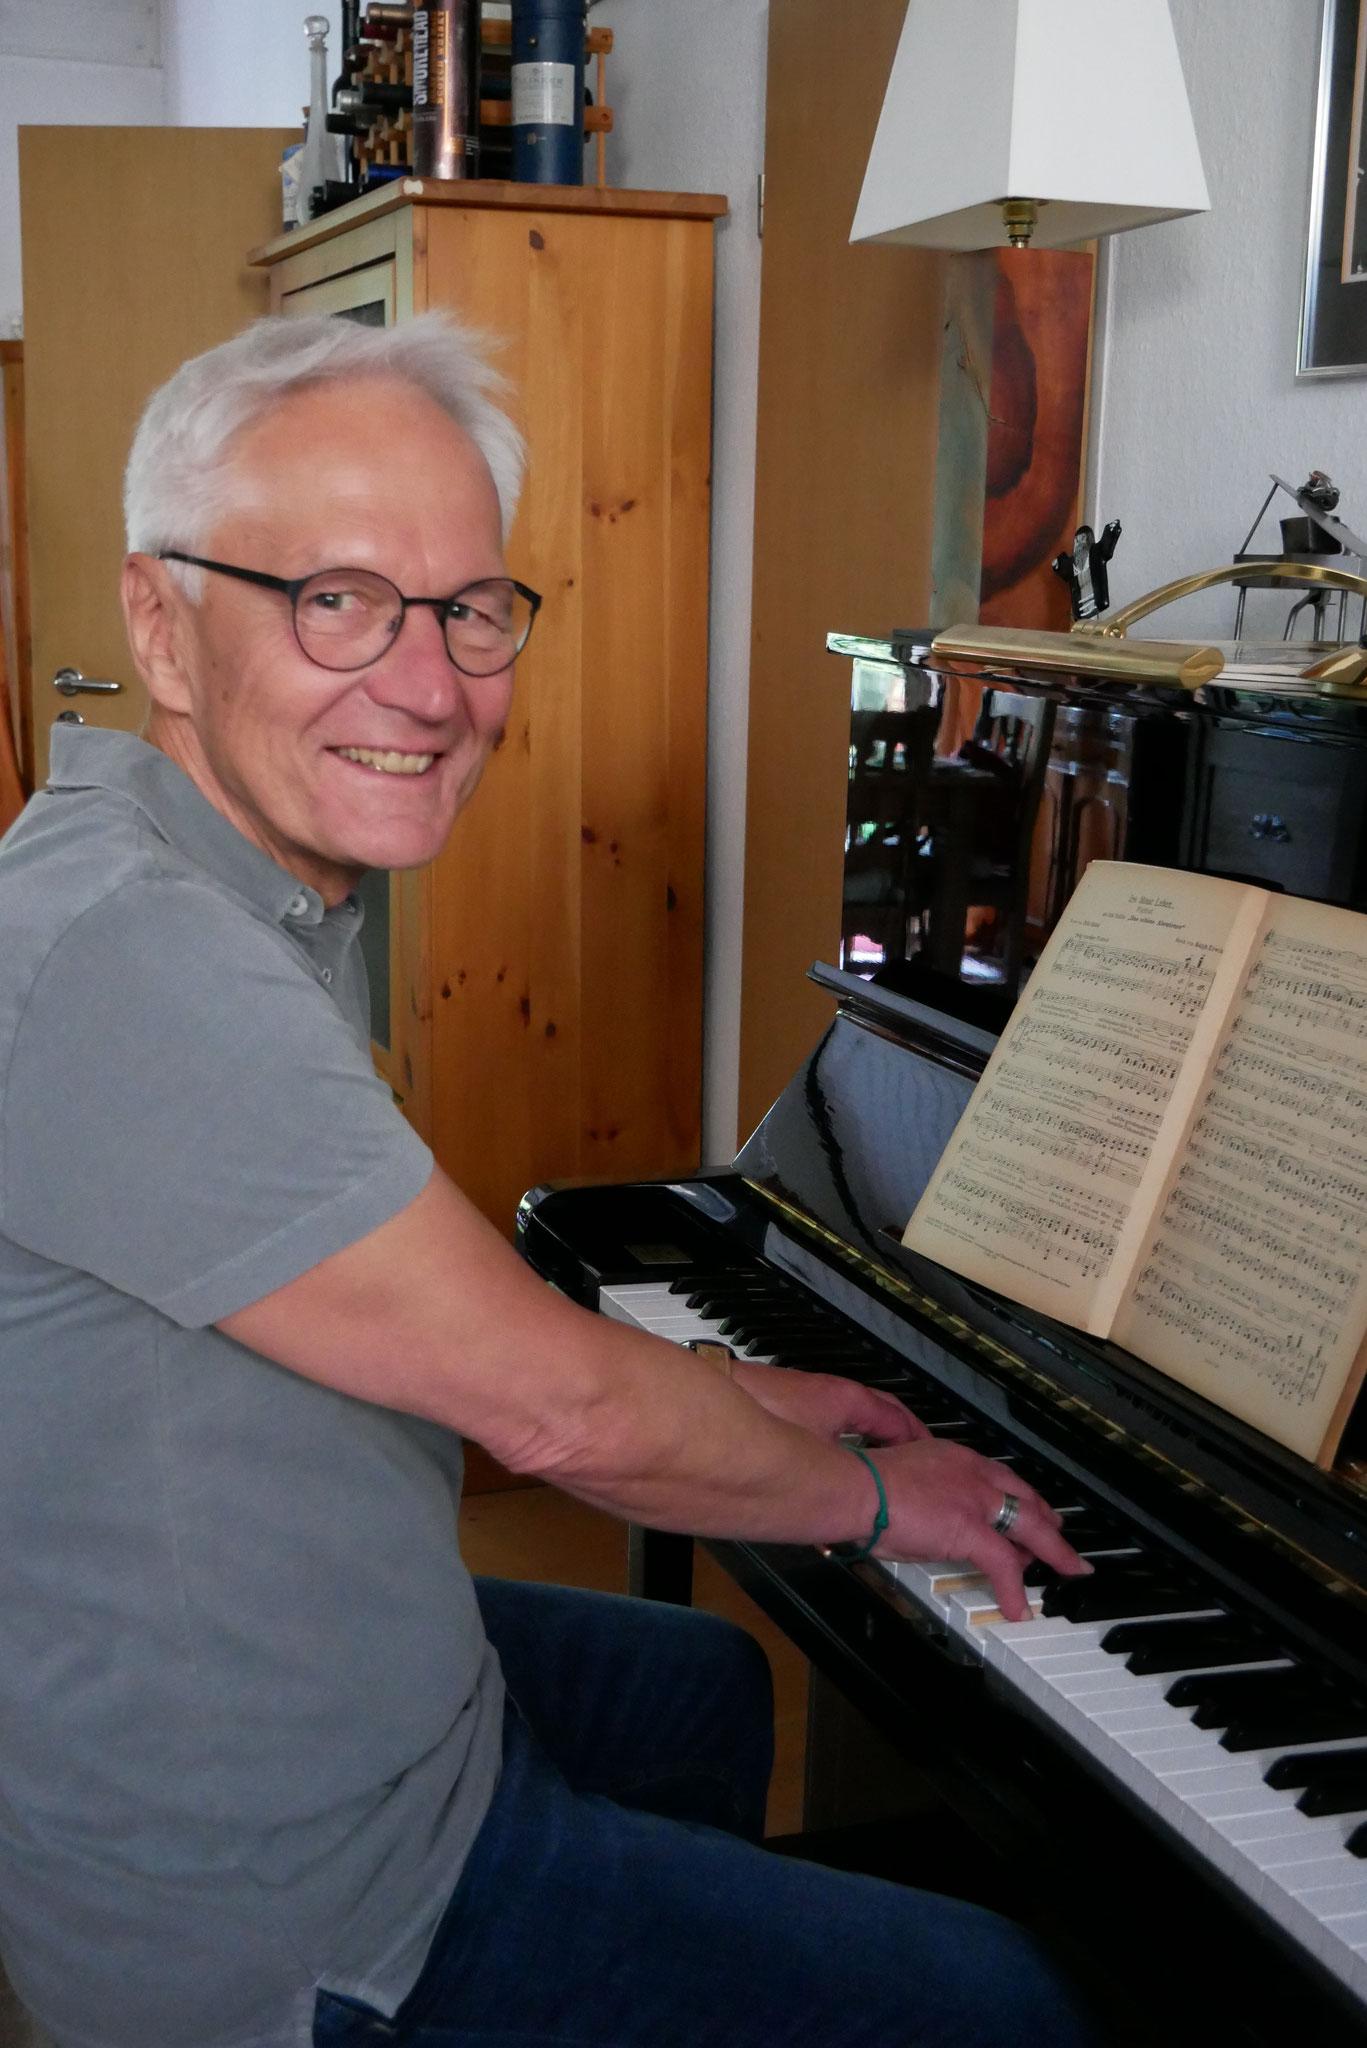 Musik, meine große Leidenschaft. Zur Entspannung und auch für liebe Gäste.